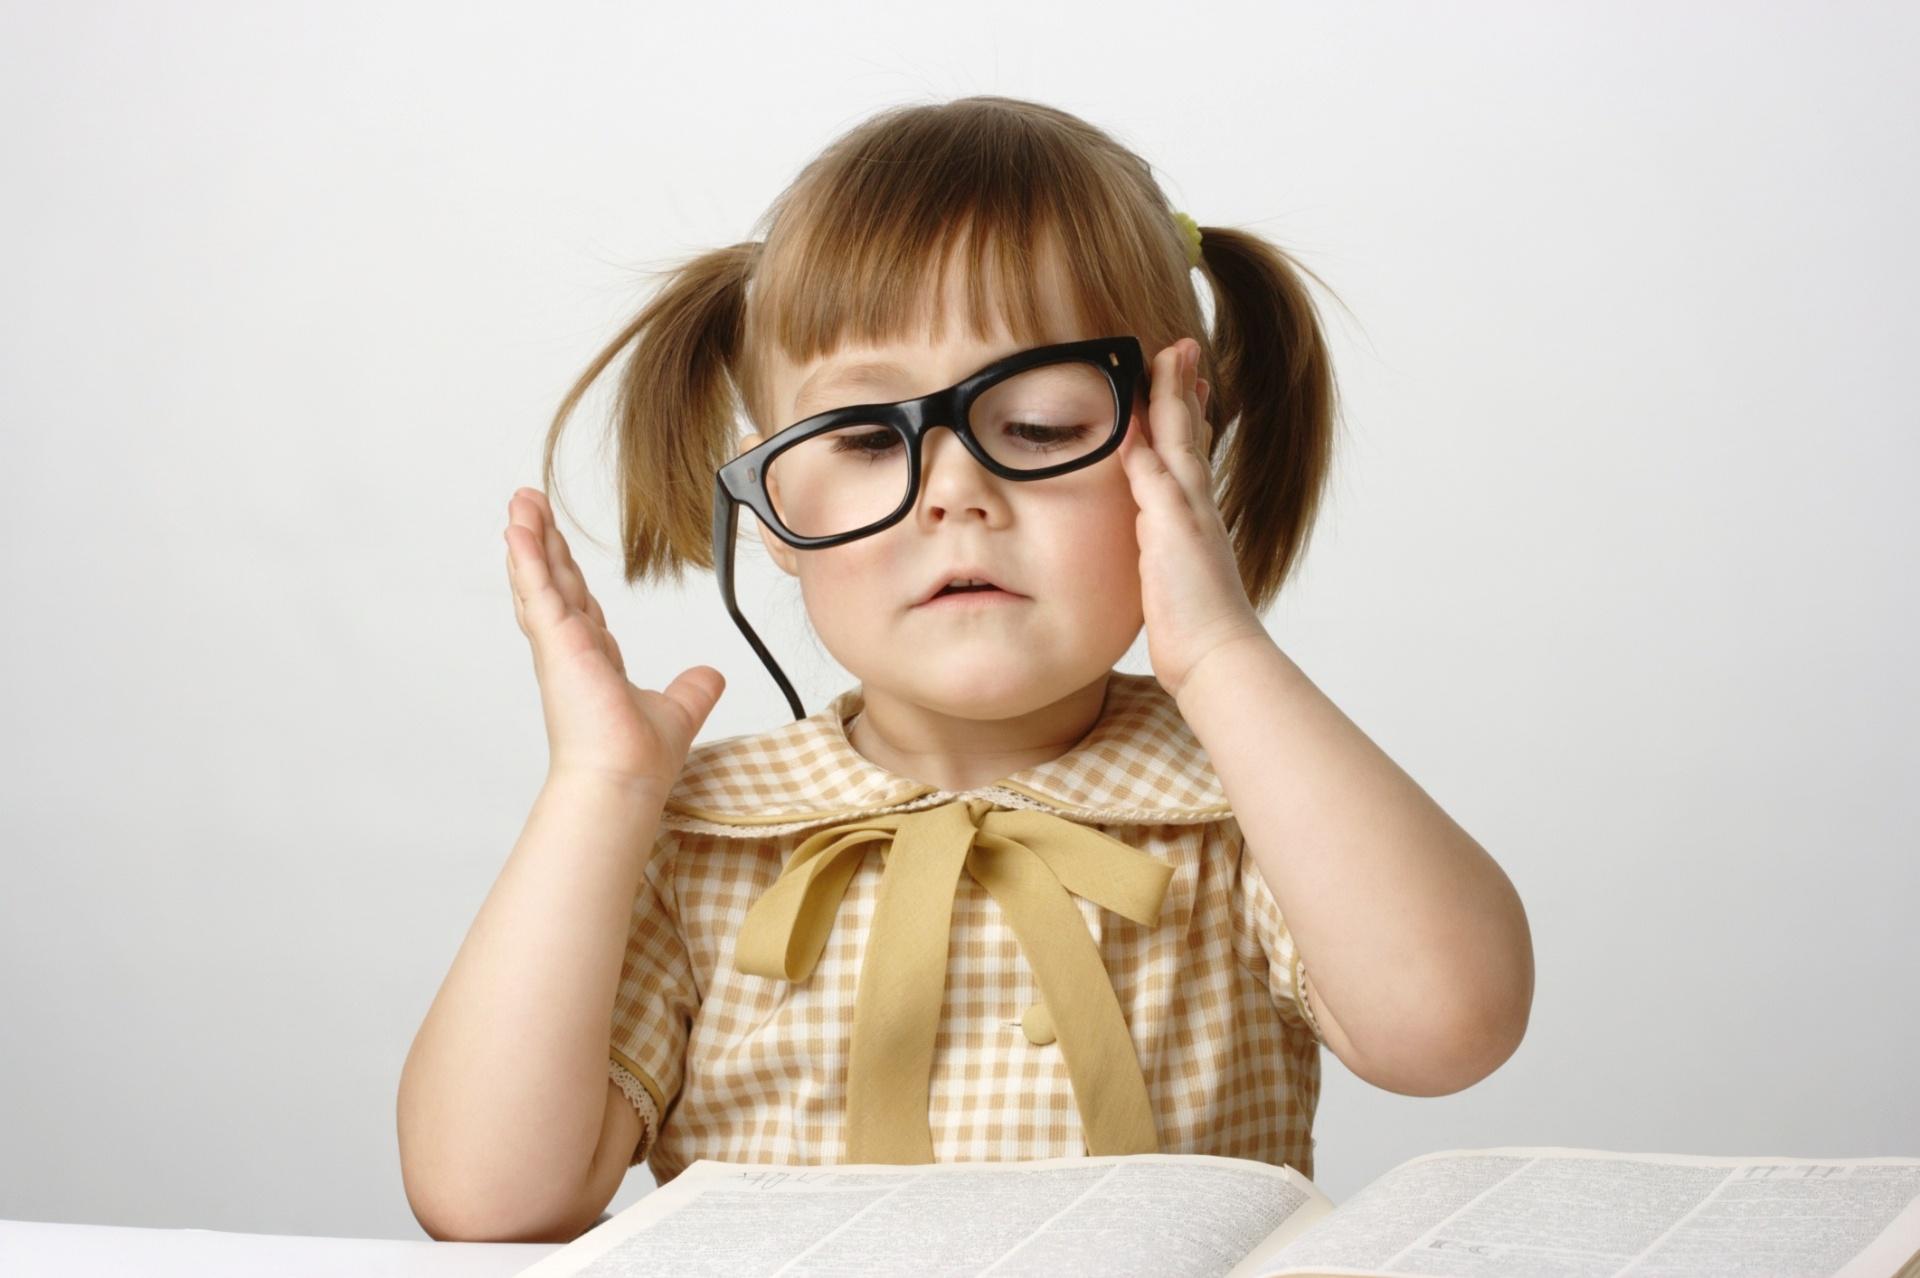 7c23e1047c361 Rede de óticas tem óculos a R  49 para crianças da rede pública de ensino -  Notícias - BOL